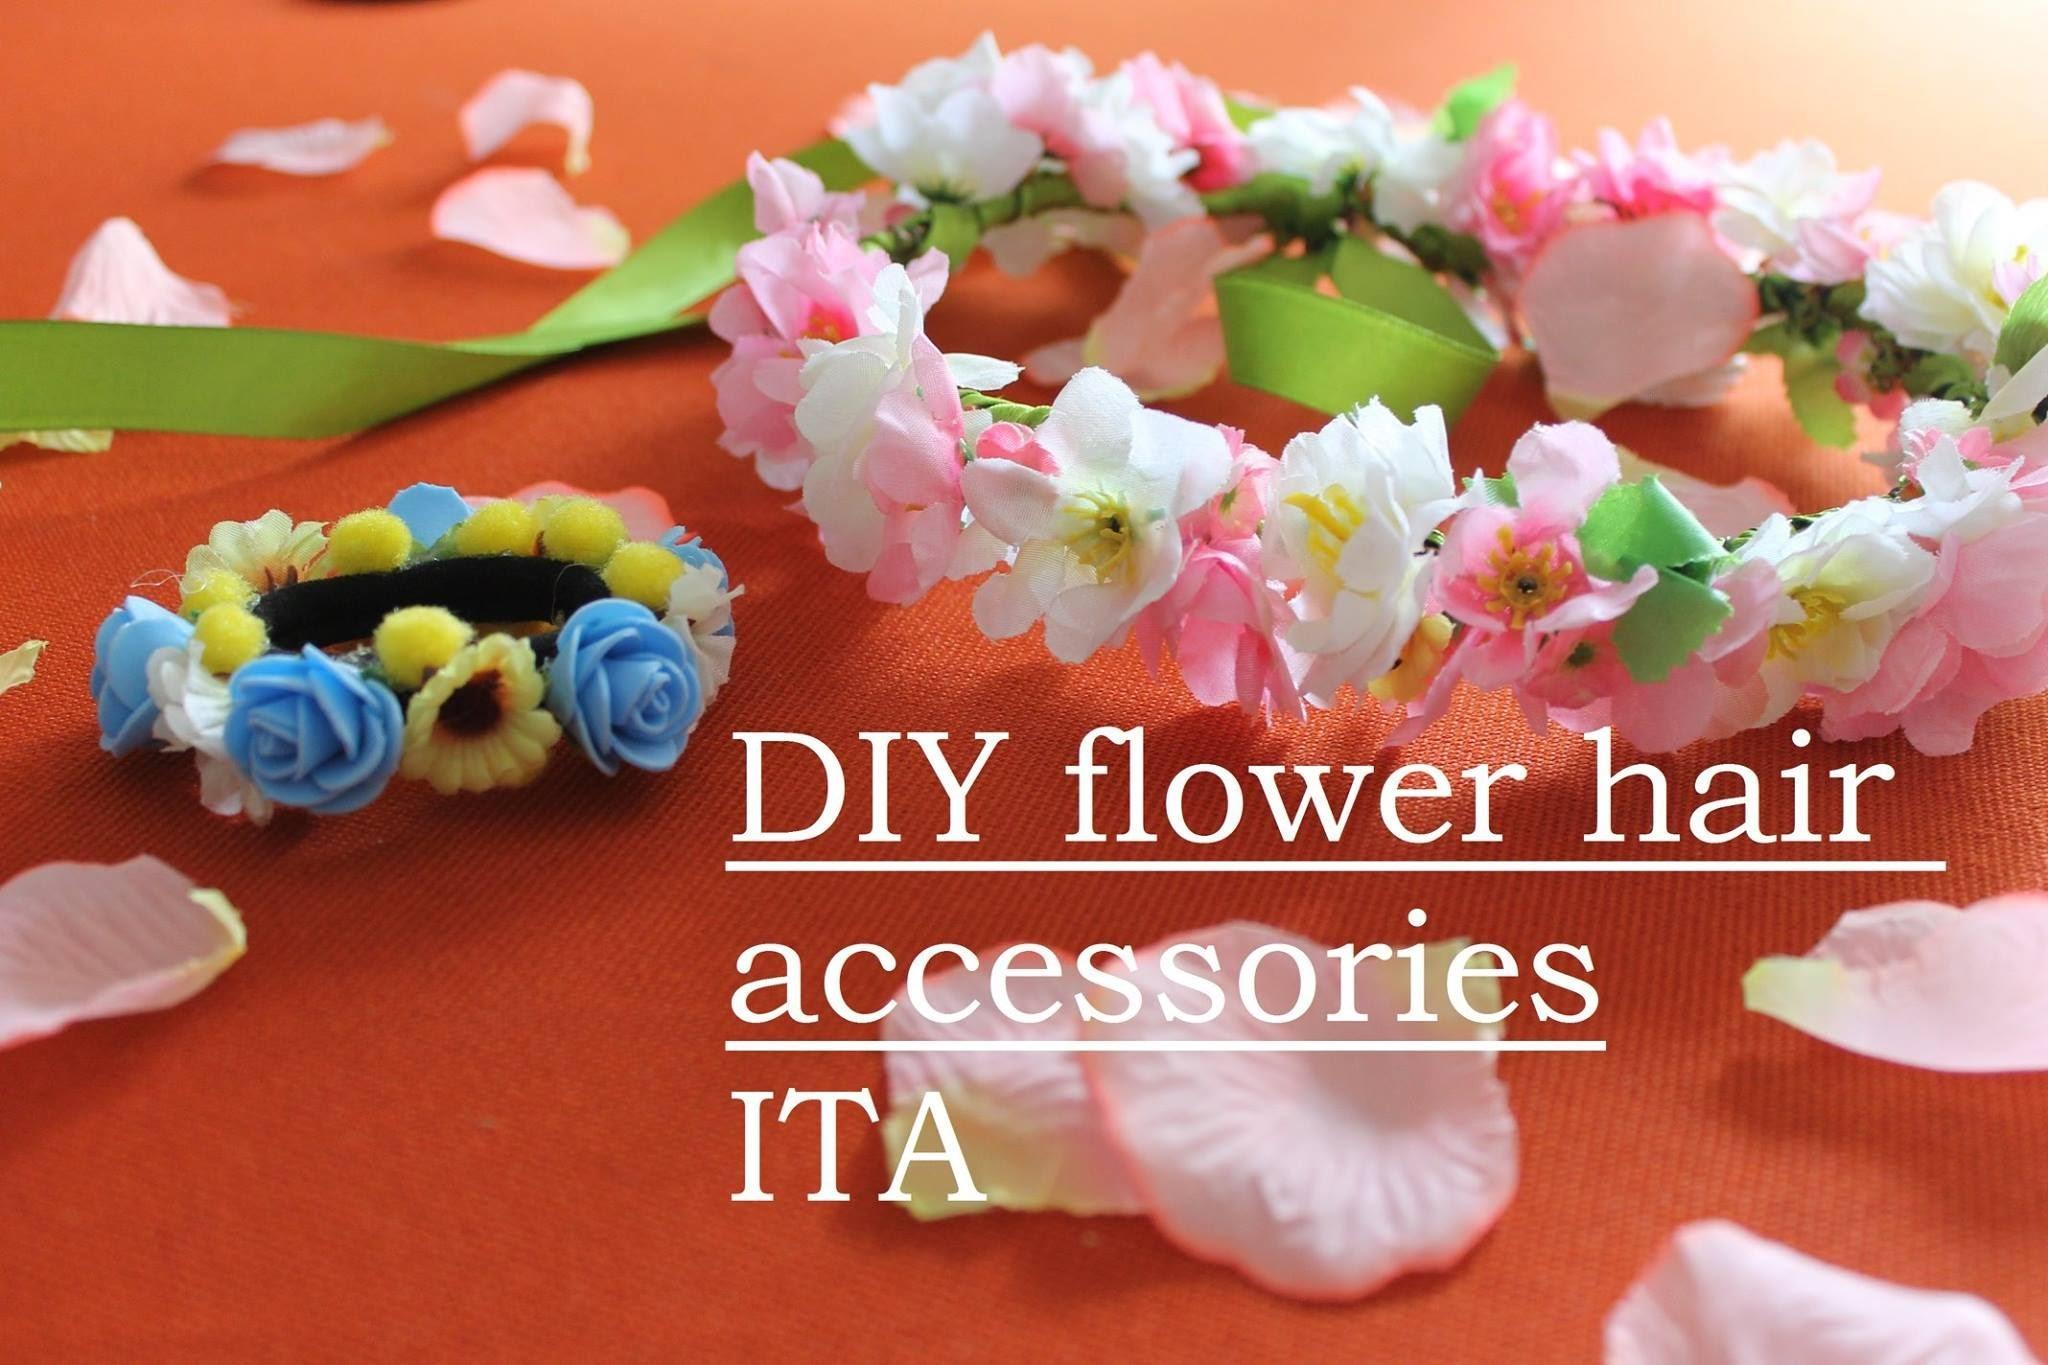 DIY flower hair accessories-ITA